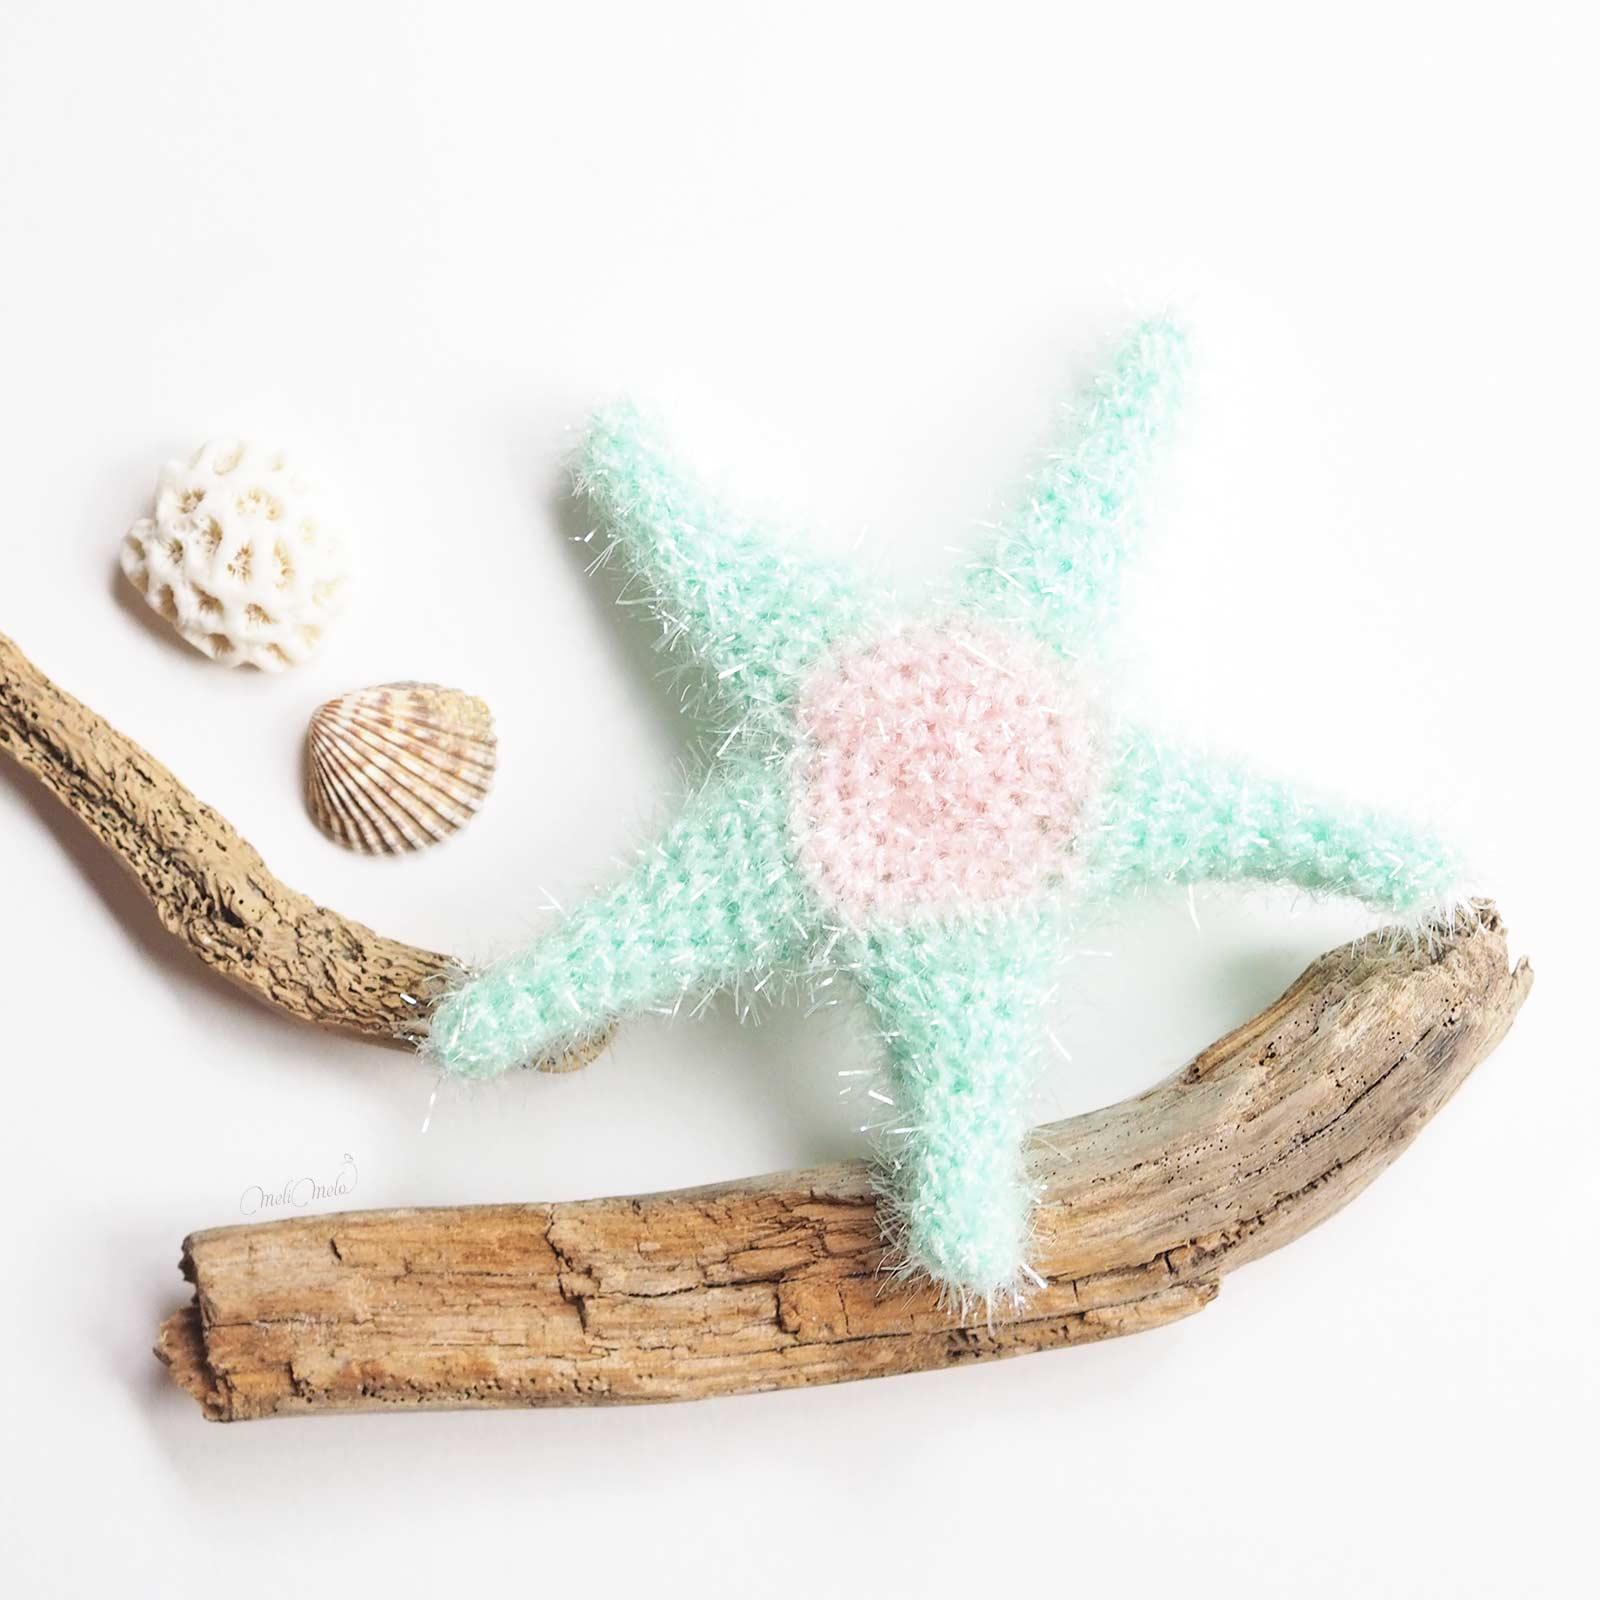 éponge tawashi exfoliante pour corps étoile de mer côté pile starfish laboutiquedemelimelo